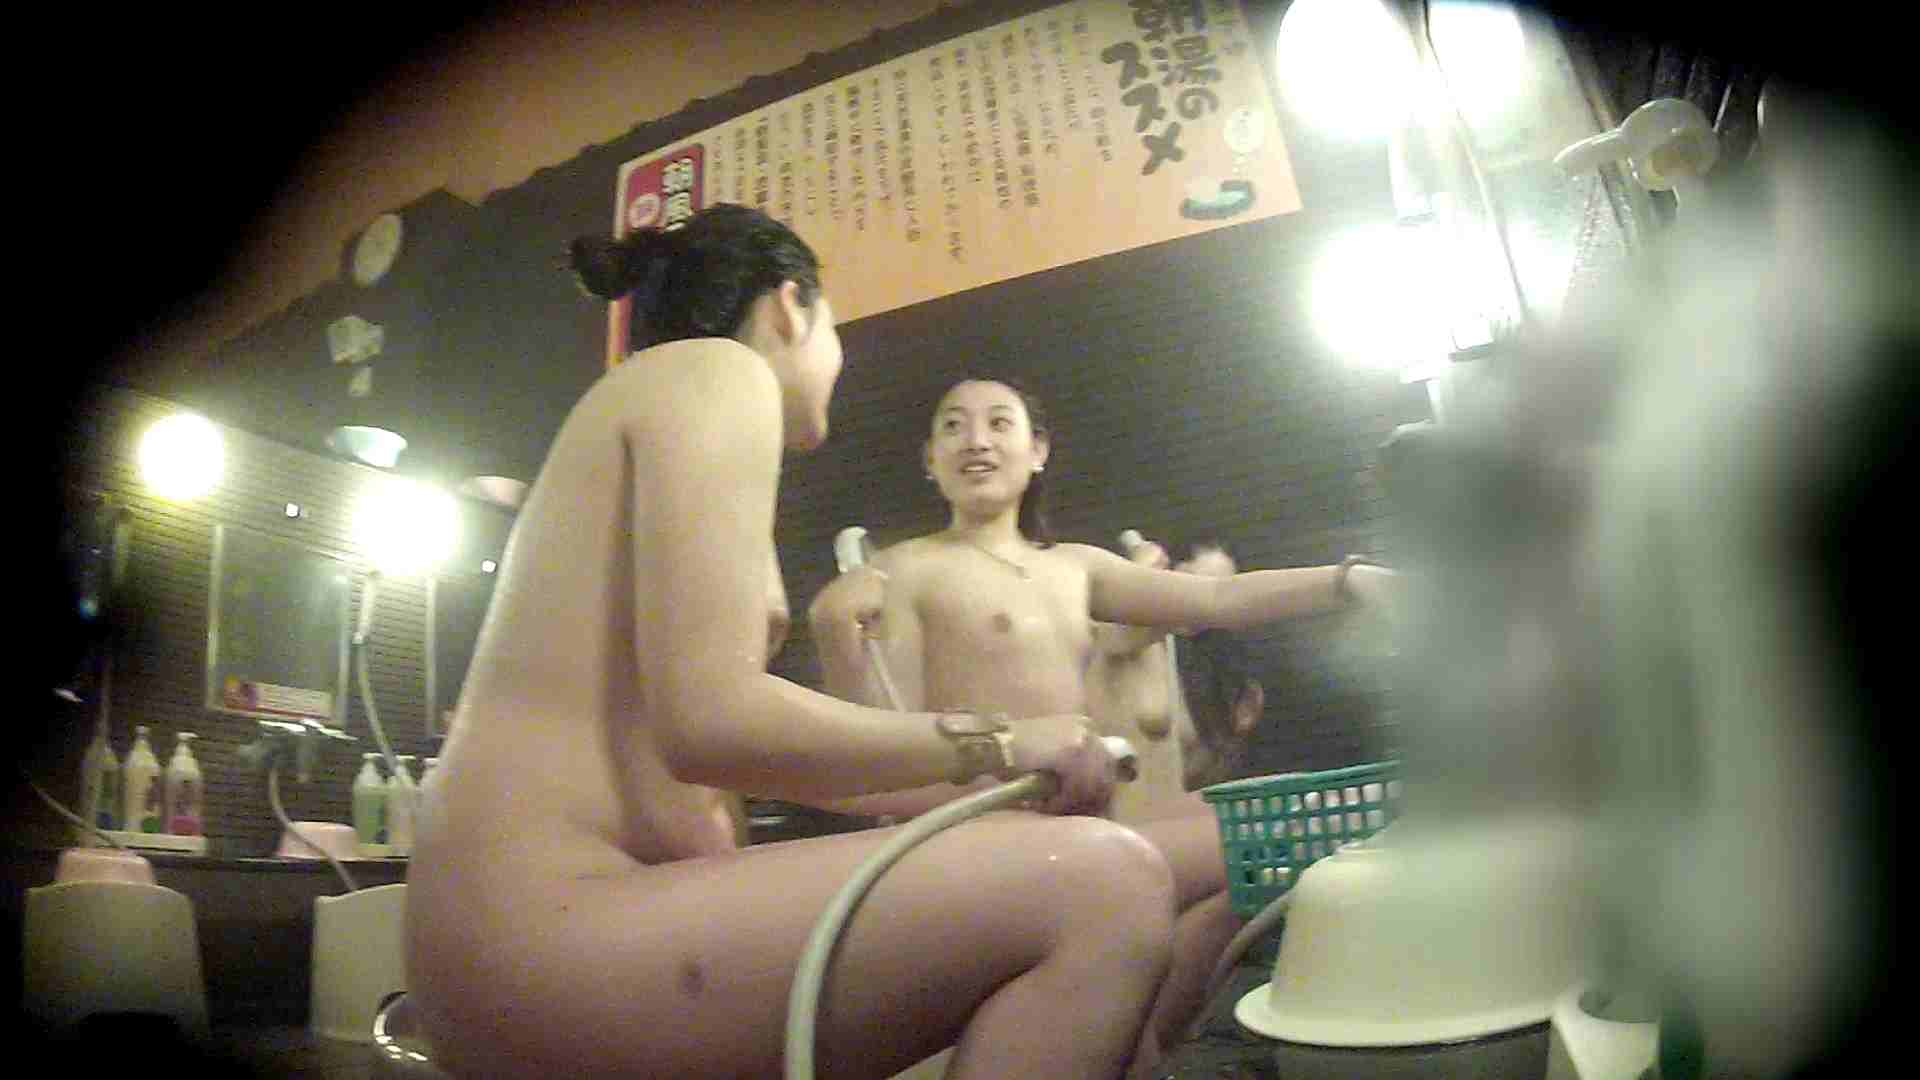 ハメ撮り|洗い場!お二人とも清楚でお美しいでございます。|怪盗ジョーカー